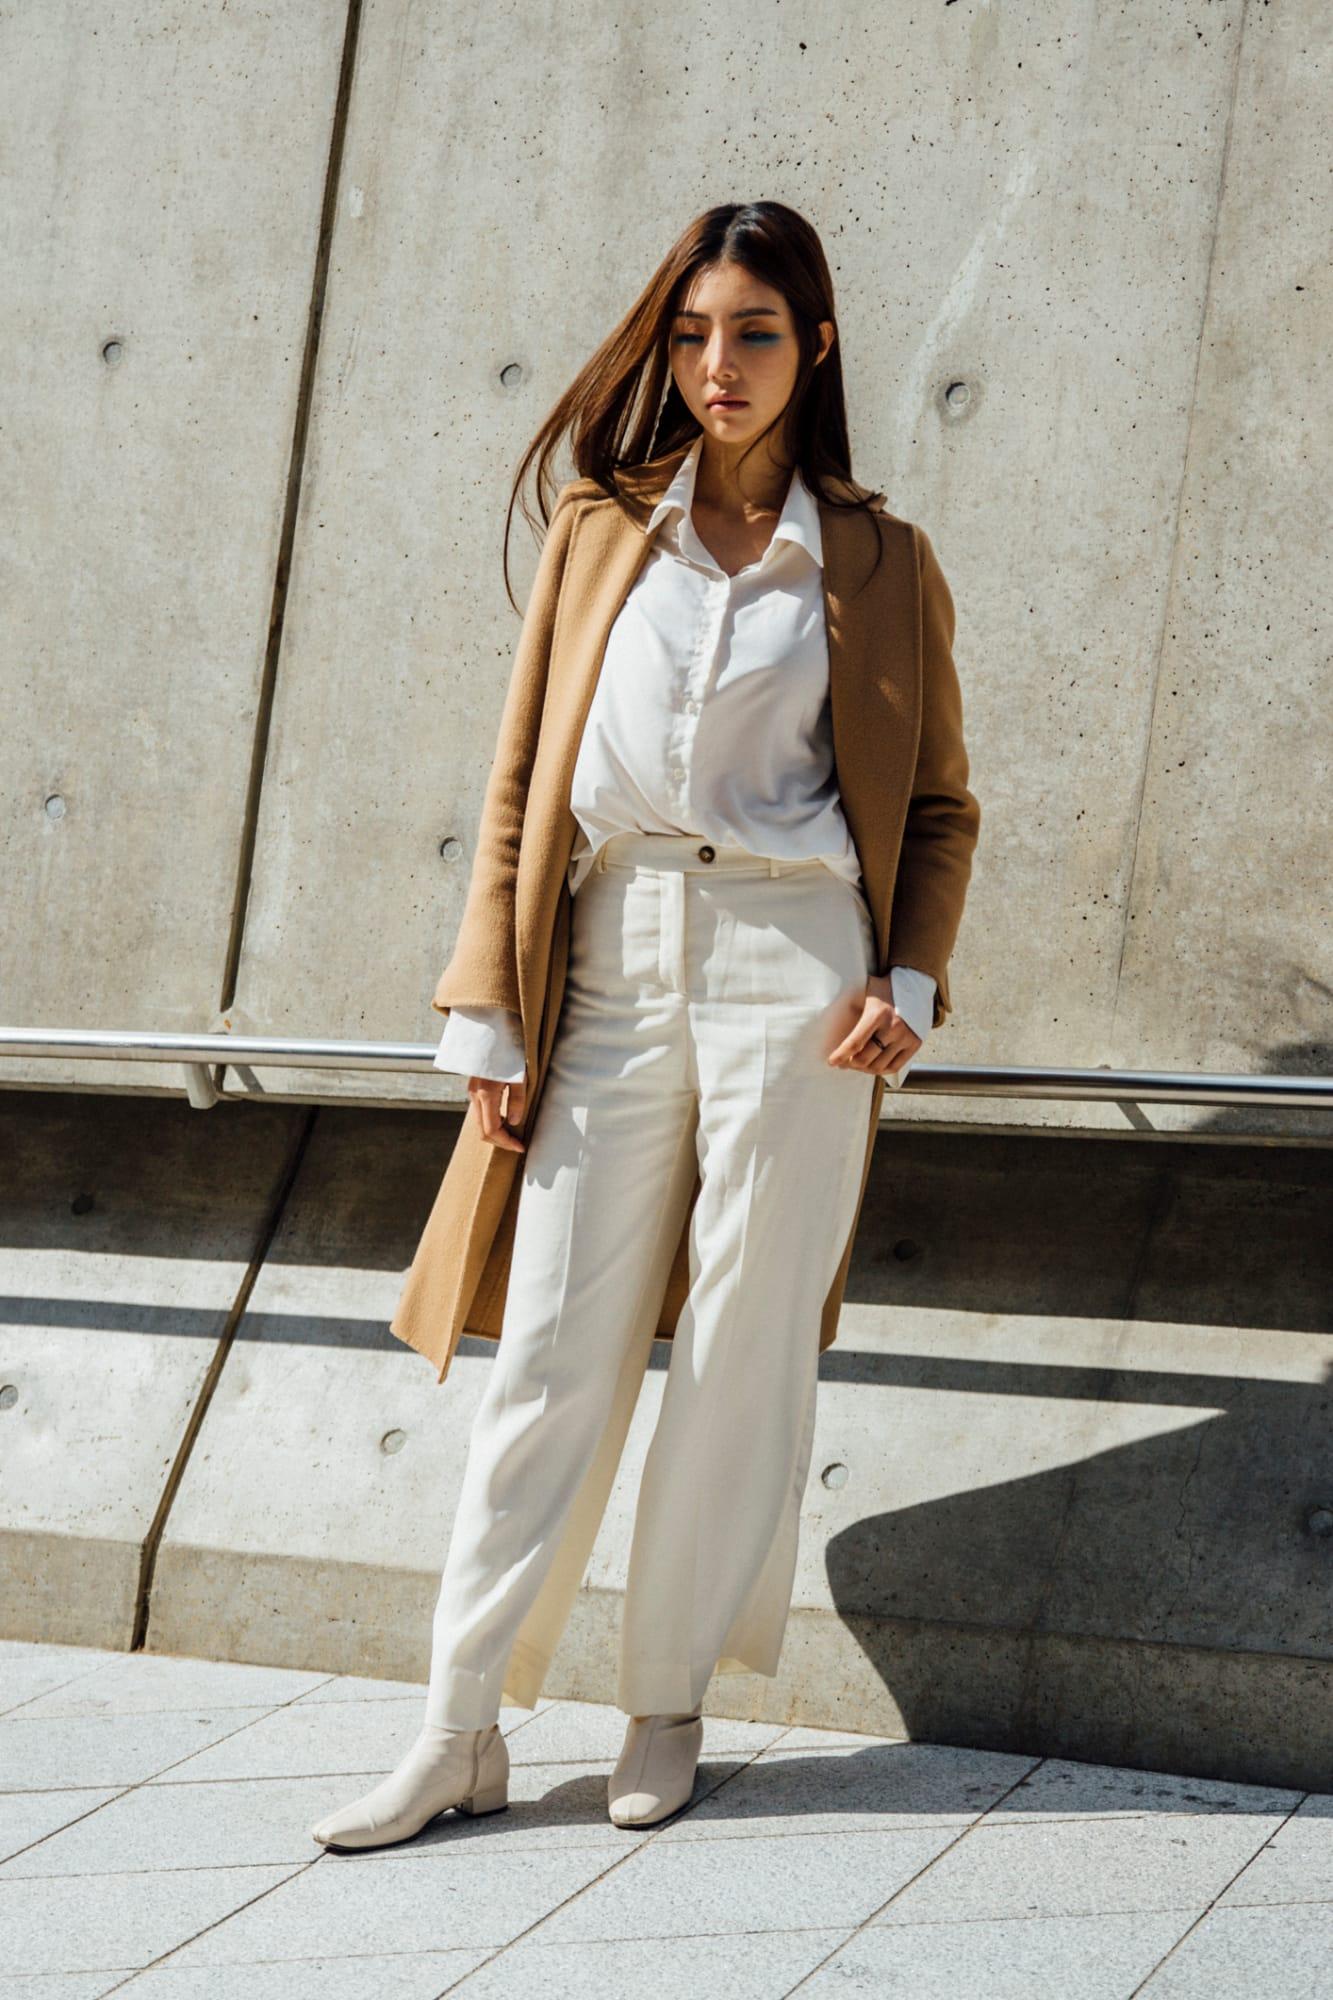 phối giày cùng màu với quần - cách phối đồ tại tuần lễ thời trang seoul xuân hè 2020